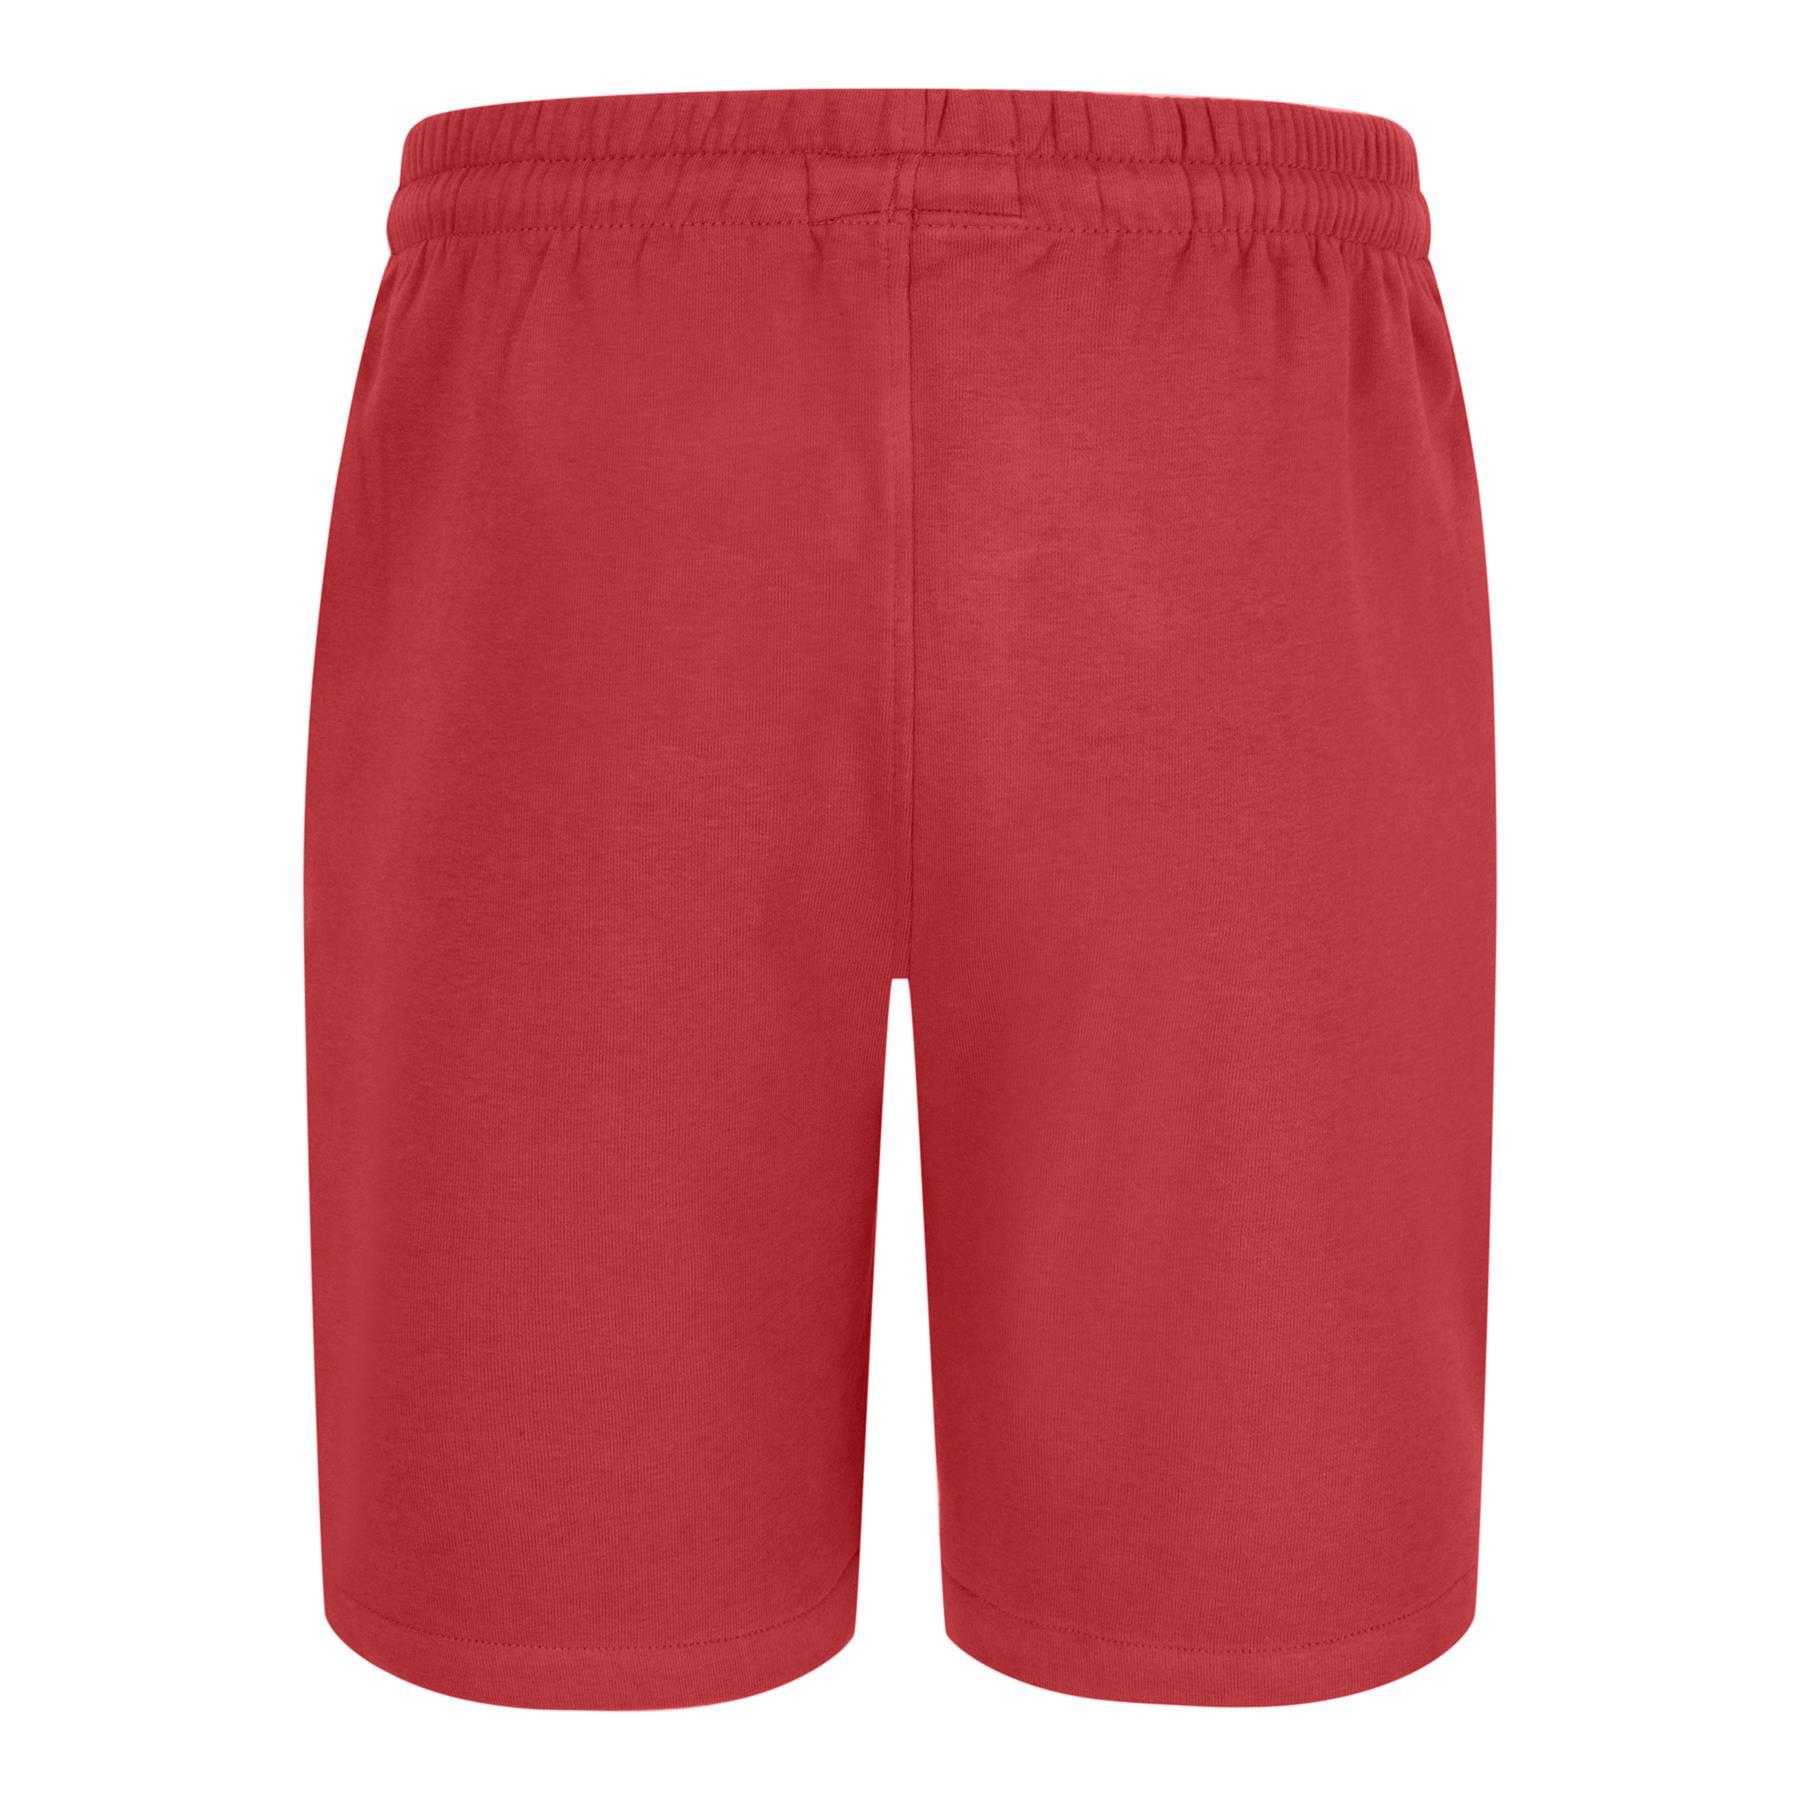 Garcons-Enfants-Jersey-Short-En-Coton-Ete-Decontracte-Premium-taille-elastique-Plage-Ete miniature 15